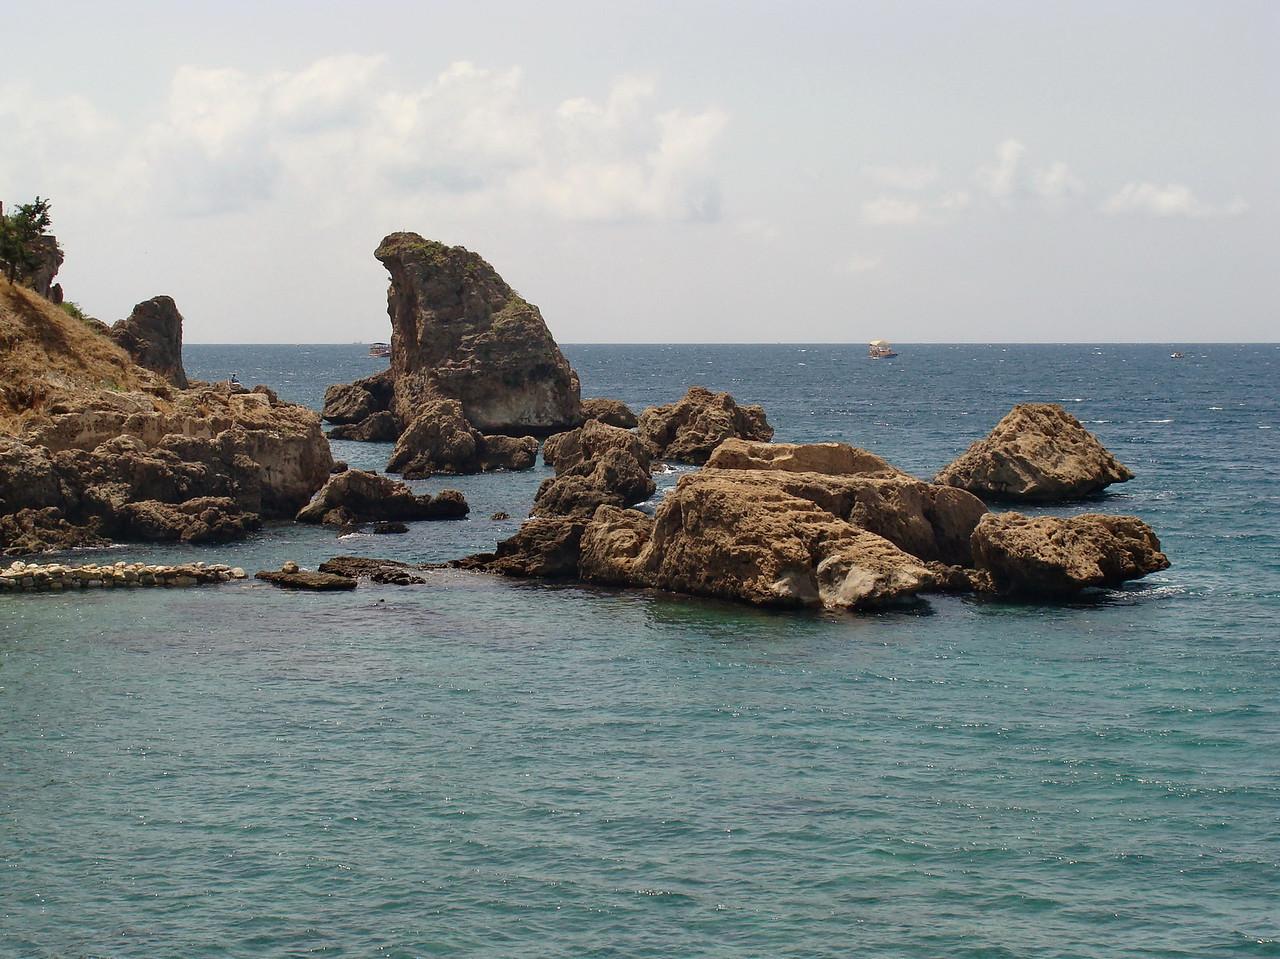 Antalya Shoreline near the Beach